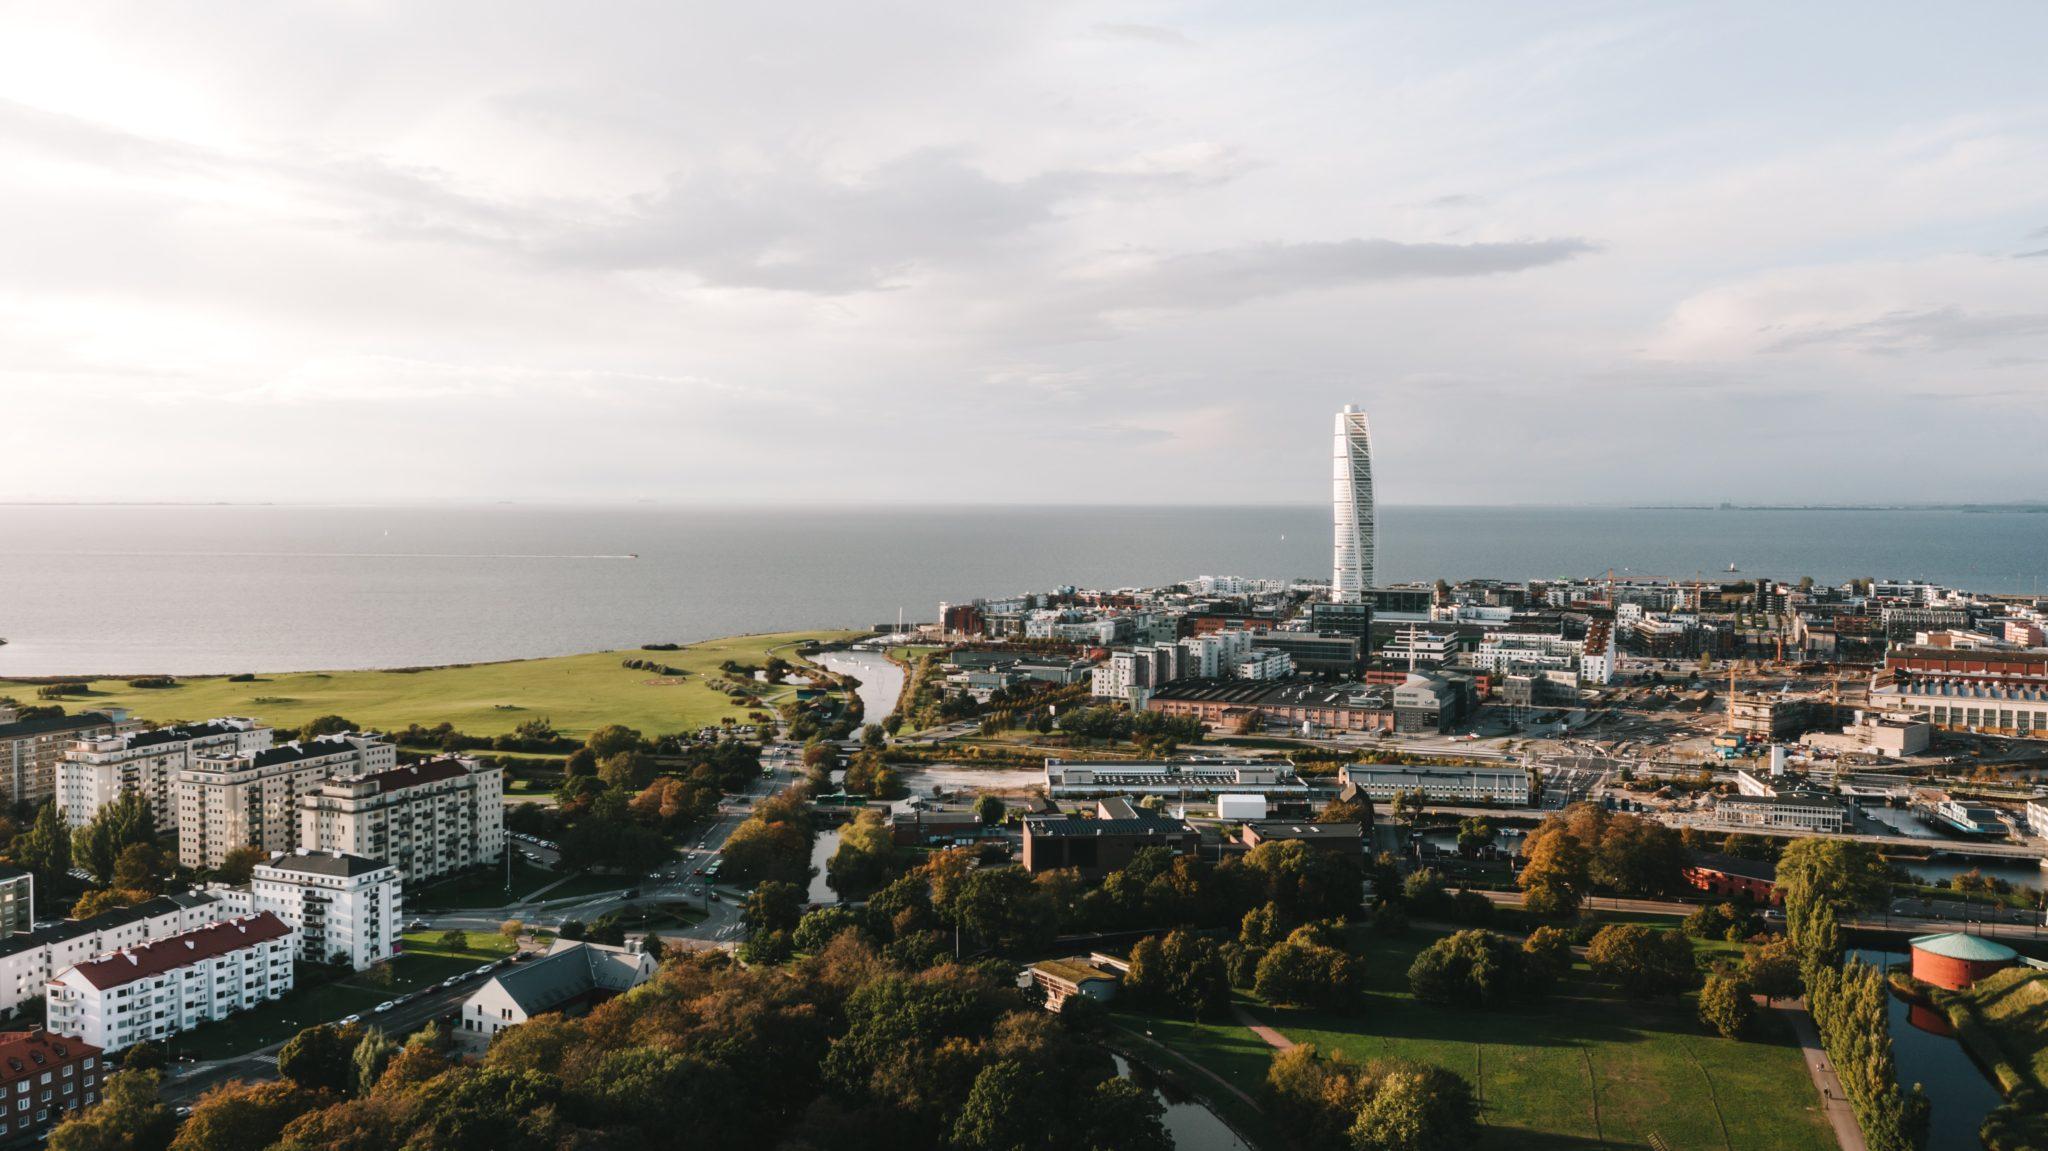 Μάλμε: H πόλη της Σουηδίας που φημίζεται για τα πάρκα της